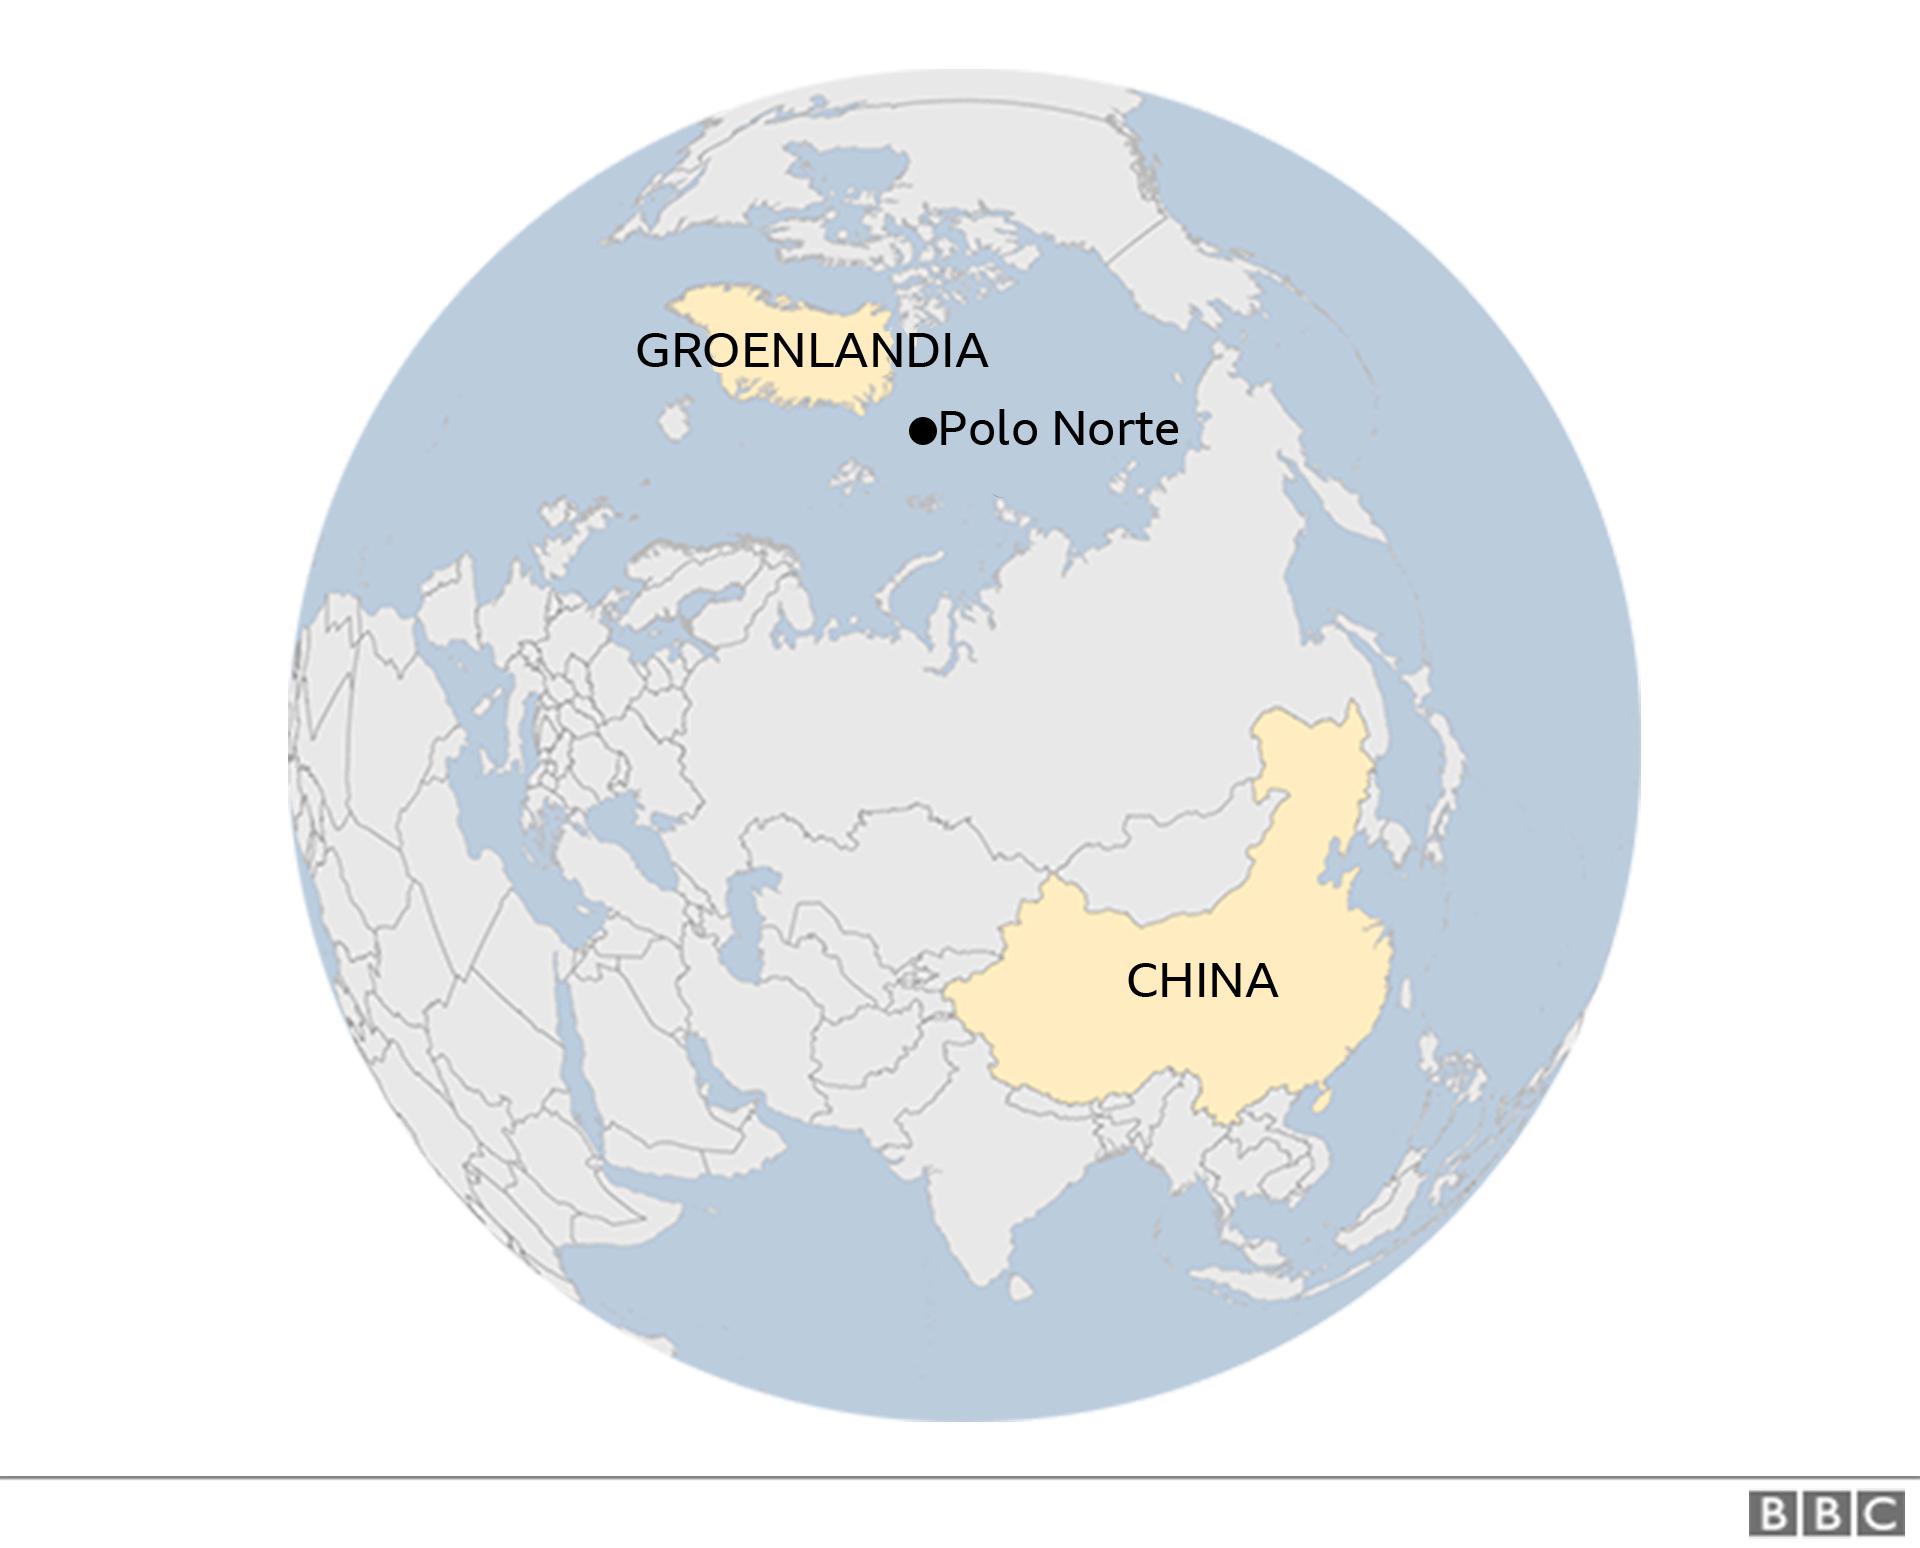 Mapa en el que se ve Groenlandia, China y el Polo Norte